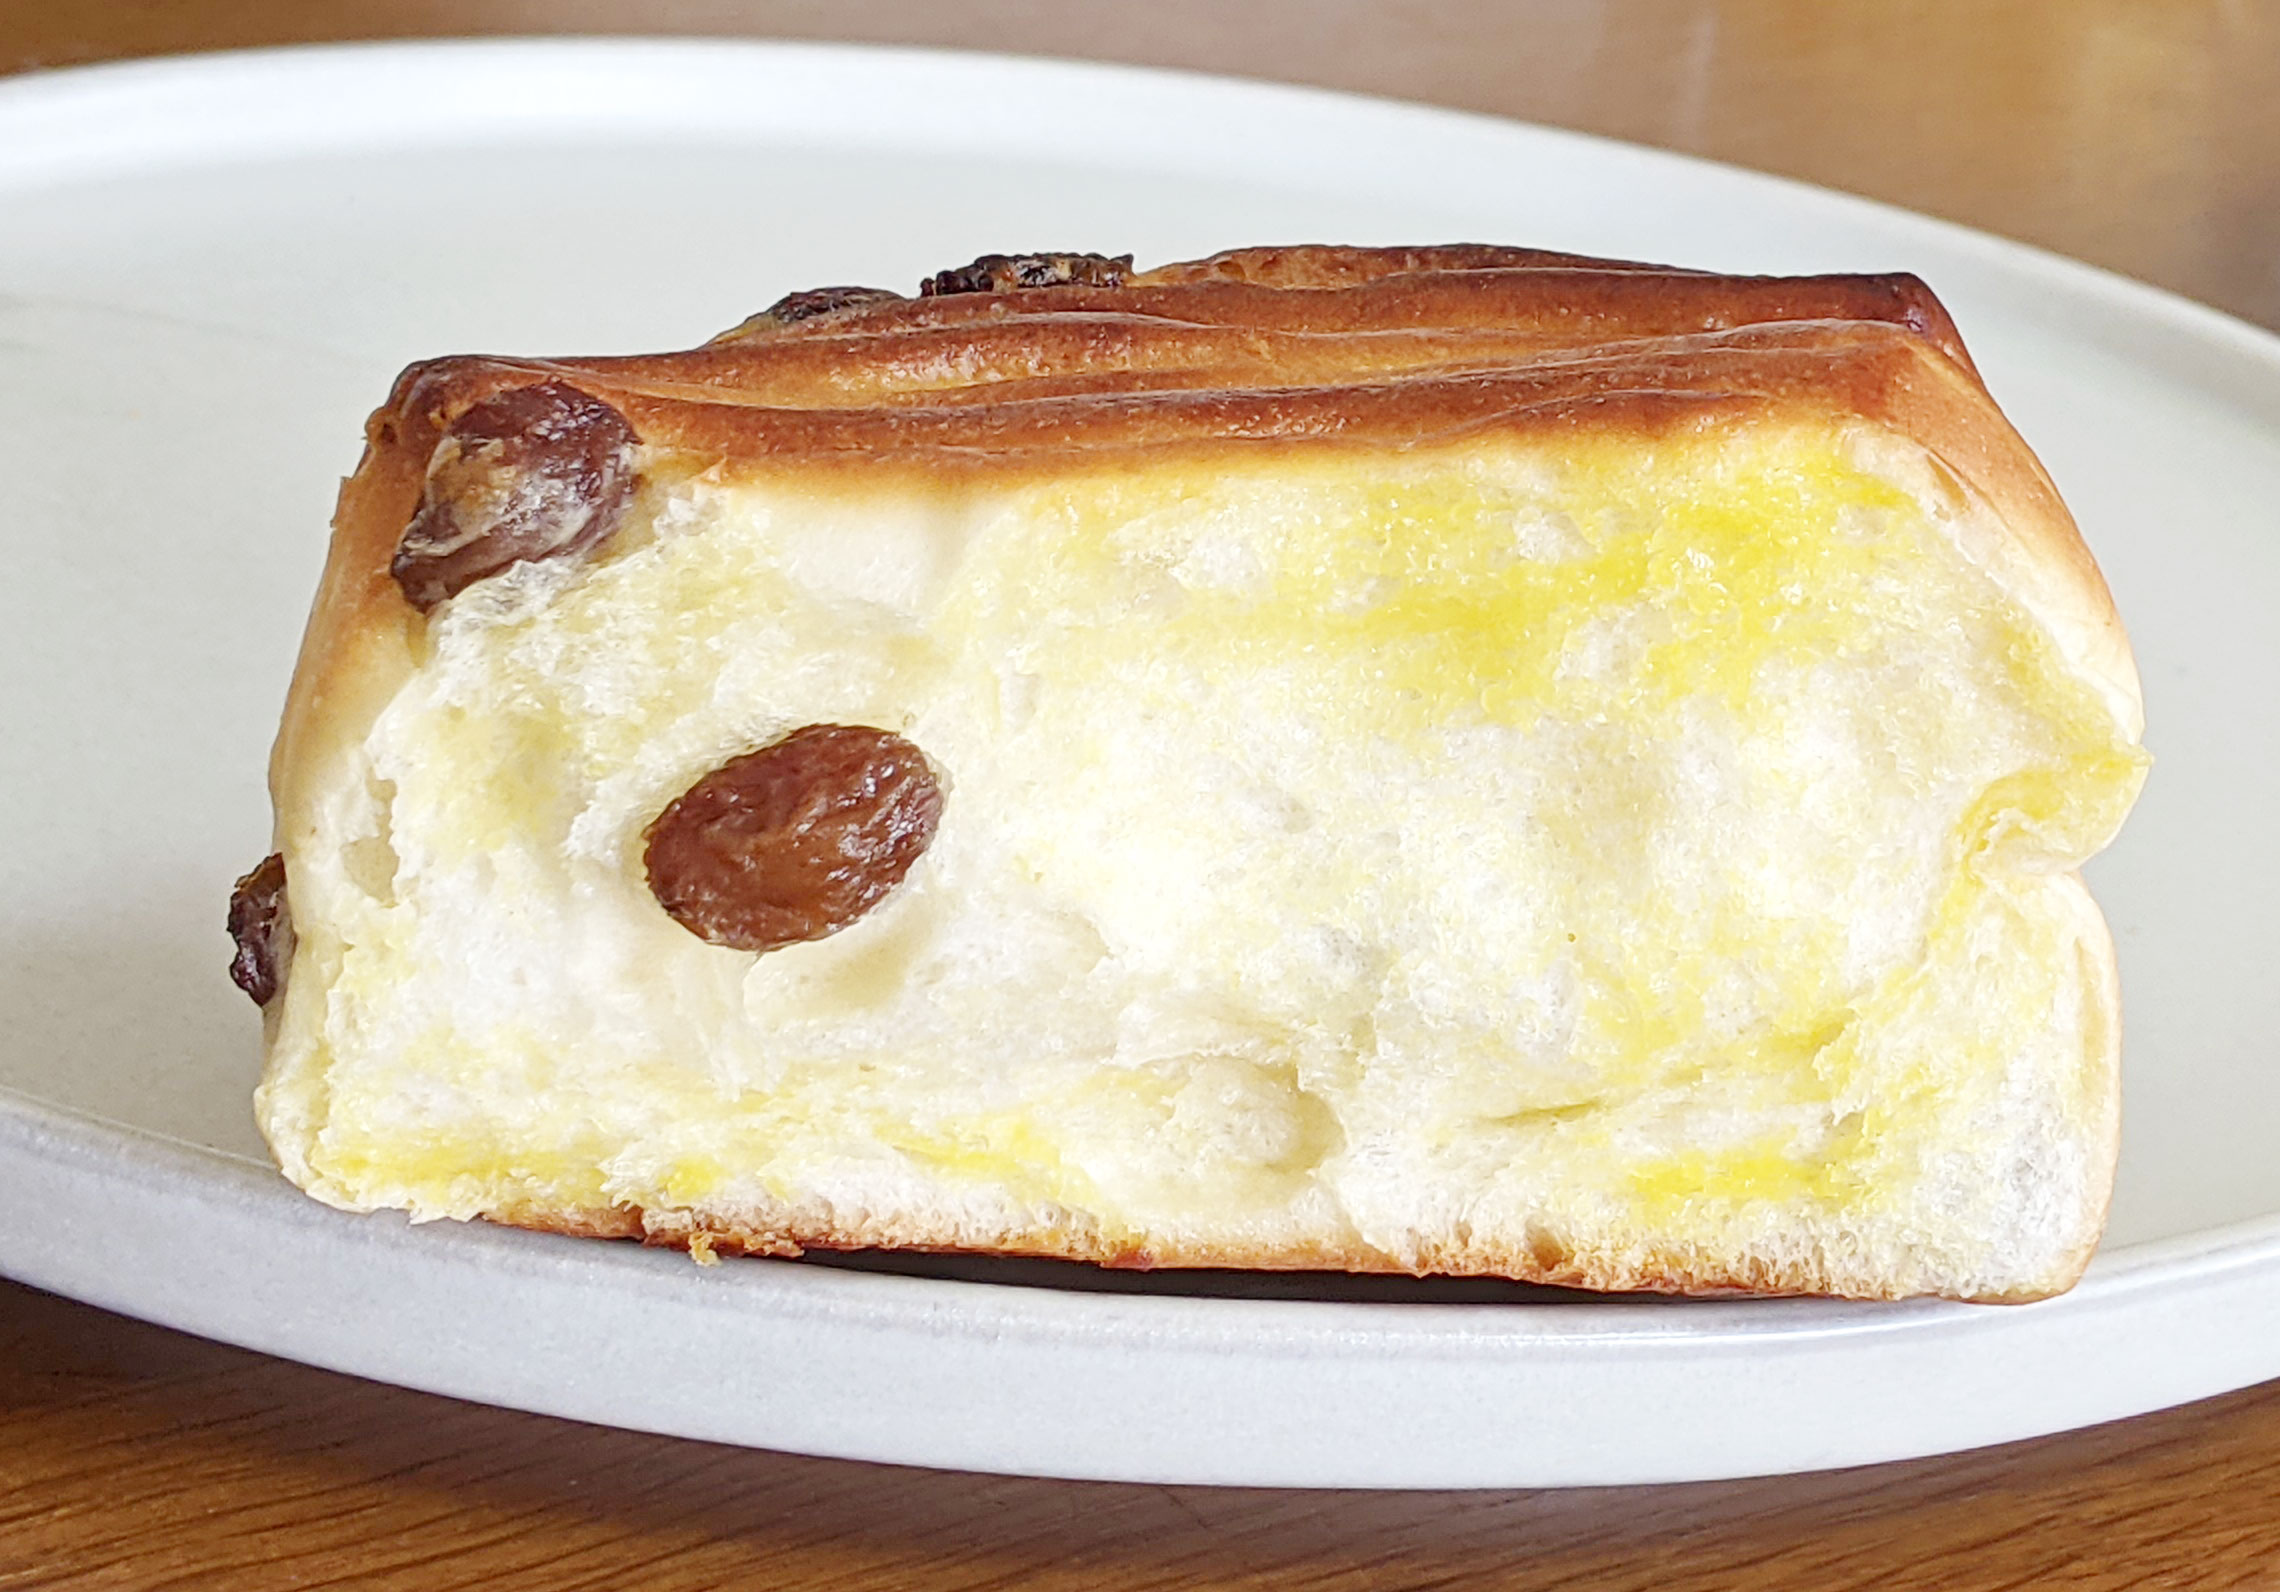 コンビニパン コンビニ セブンイレブン ローソン ファミリーマート パン 菓子パン